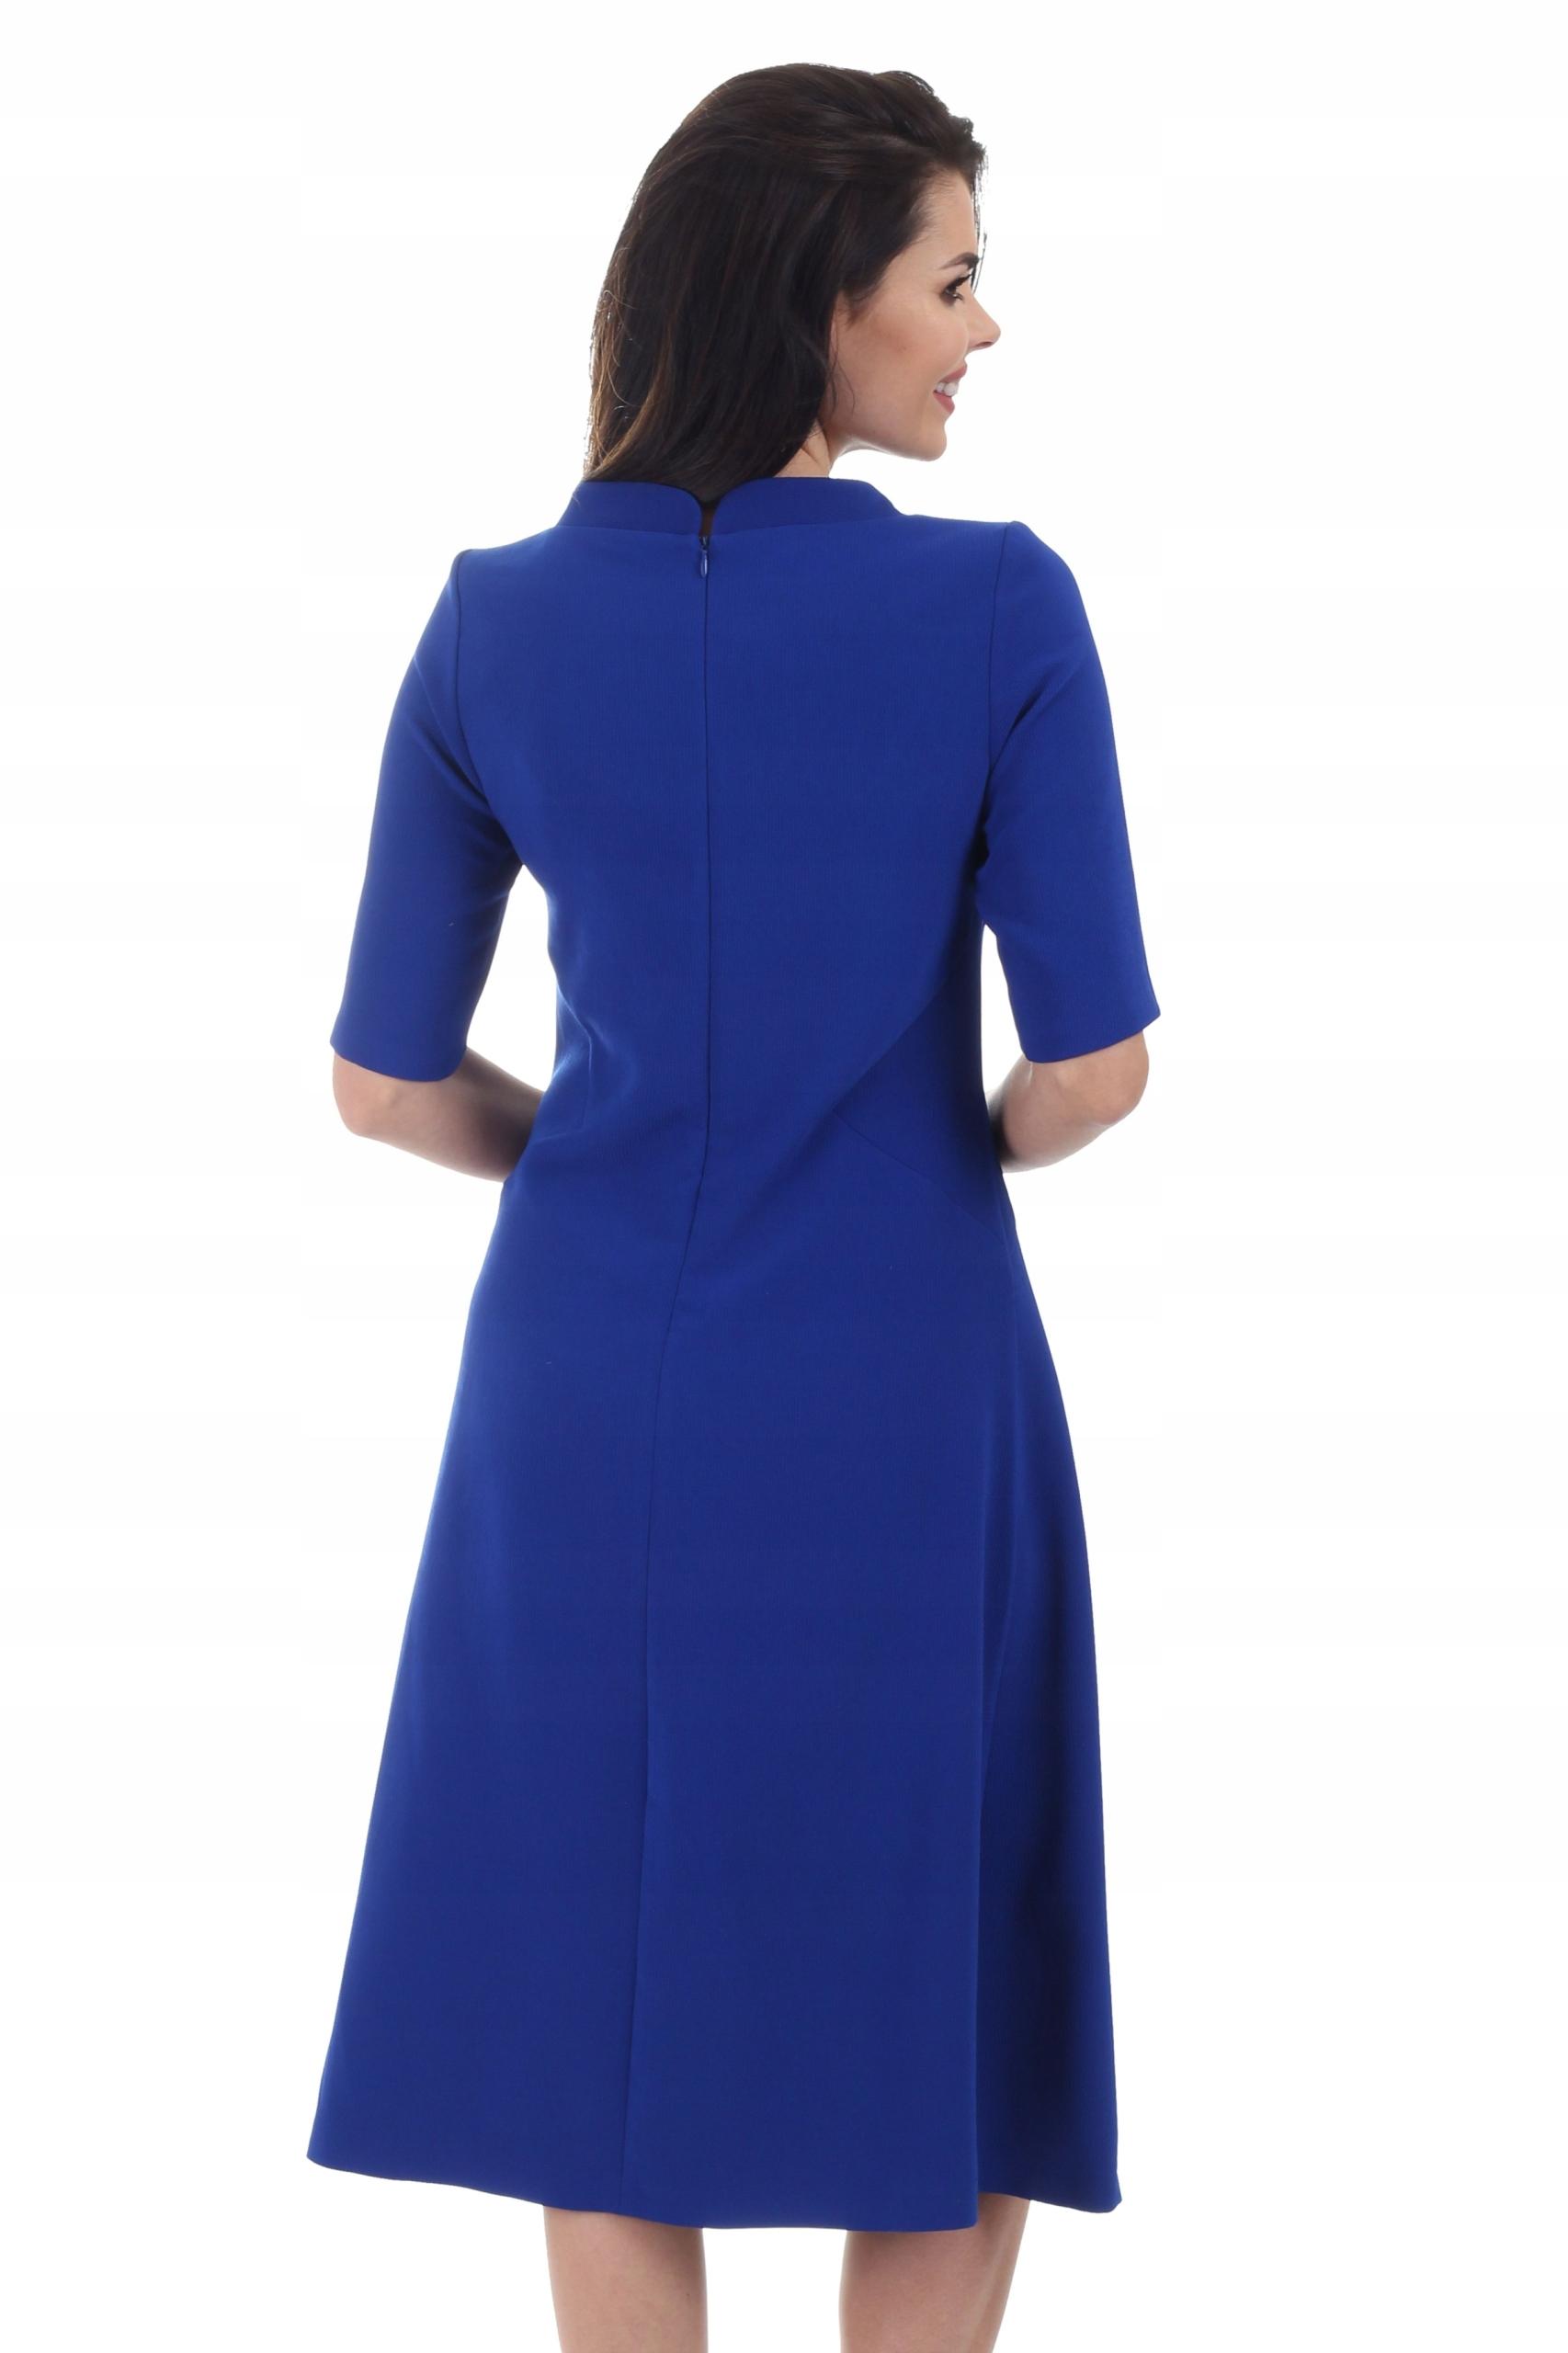 7a25460df6 Sukienka koktajlowa r.44 DŁUGA !!! LICYTACJA - 7642809885 ...